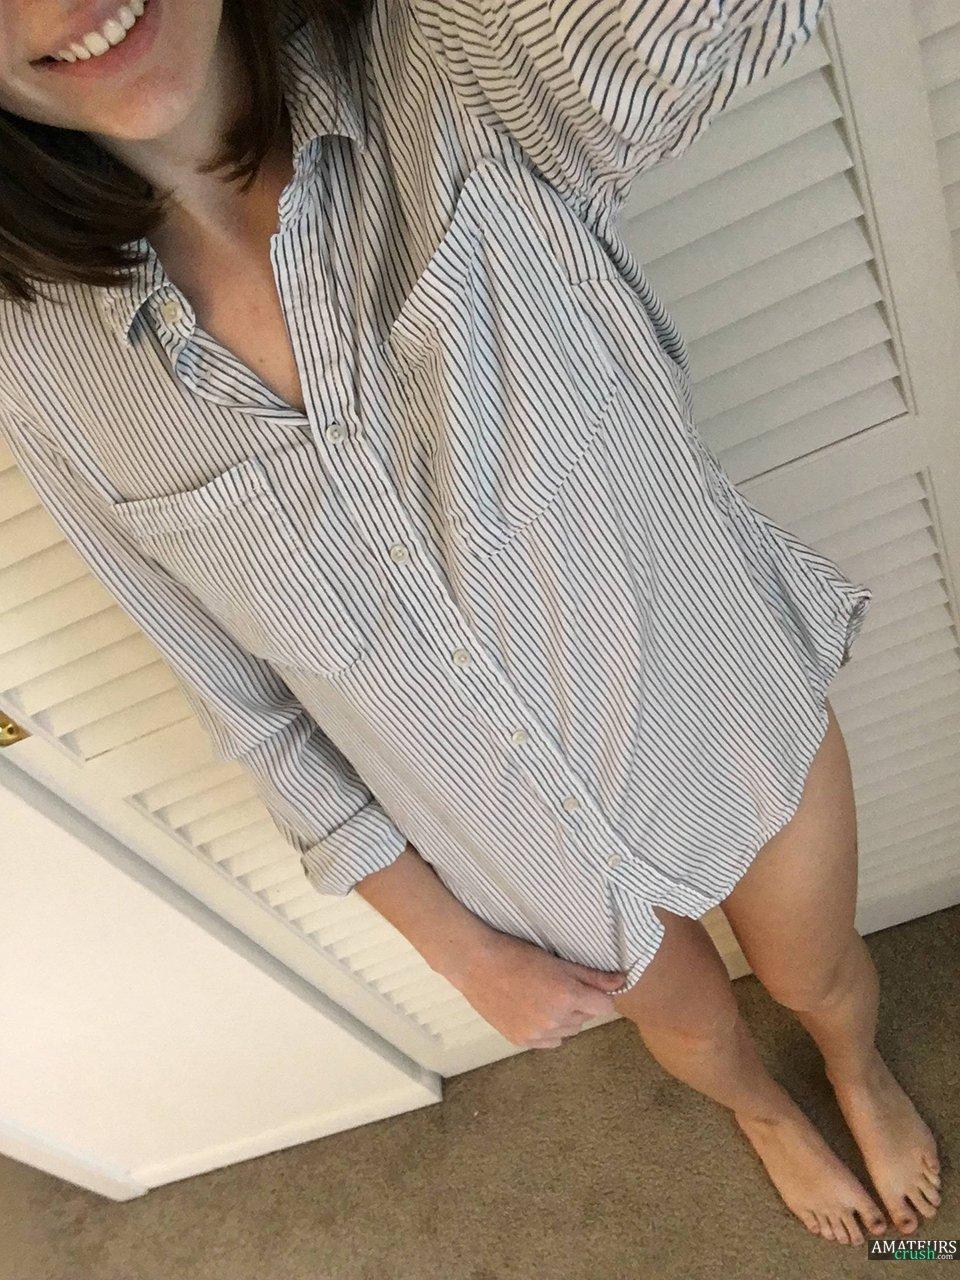 Brunette Nudes - Sexy Amateur AloeVera4 - AmateursCrush.com